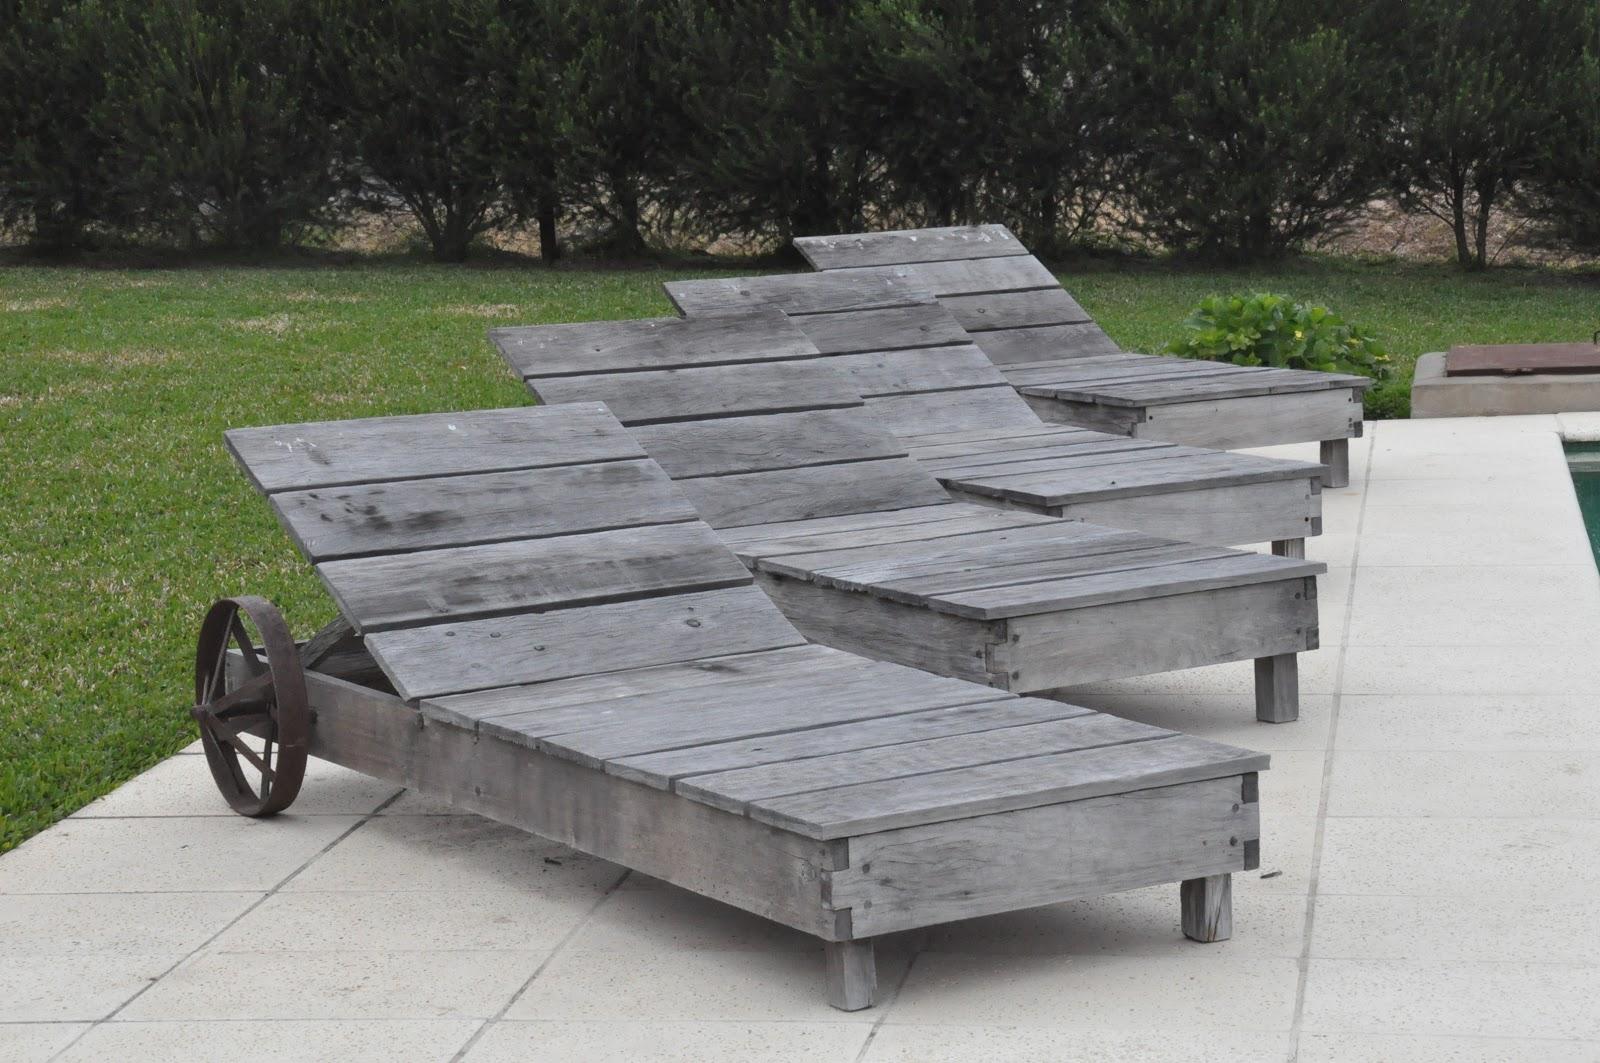 Muebles patchwork ruta 27 n 5707 rincon de milberg for Camastros de hierro para jardin